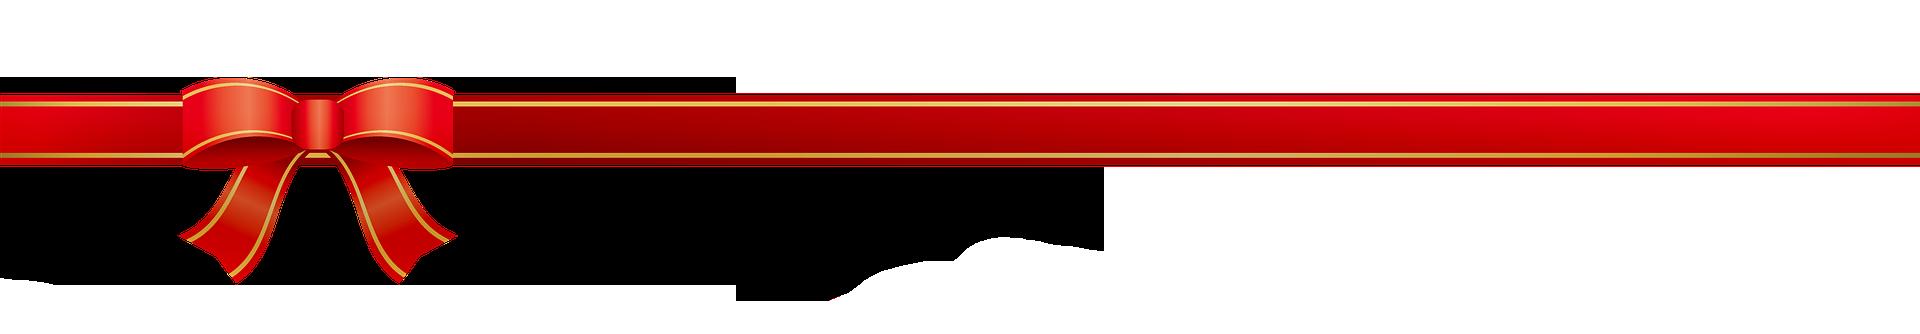 ribbons-5112163_1920.png